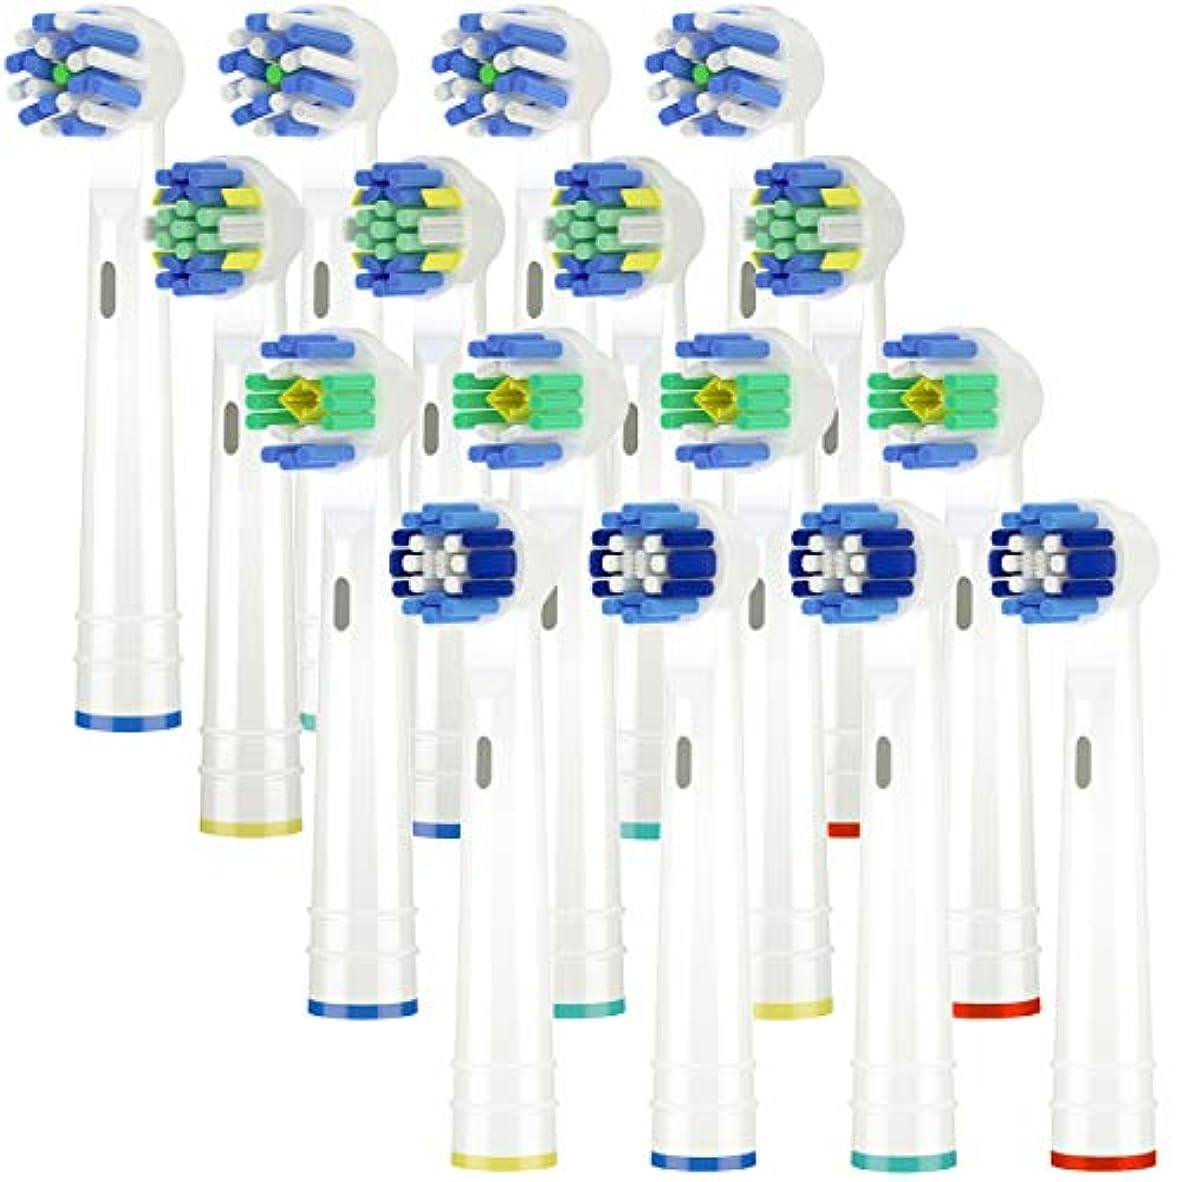 しなやかな砂利決定Itechnik 電動歯ブラシ 替えブラシ ブラウン オーラルB 対応 替えブラシ 4種類が入り:ホワイトニングブラシ 、ベーシックブラシ、歯間ワイパー付きブラシ、マルチアクションブラシ 凡用な16本